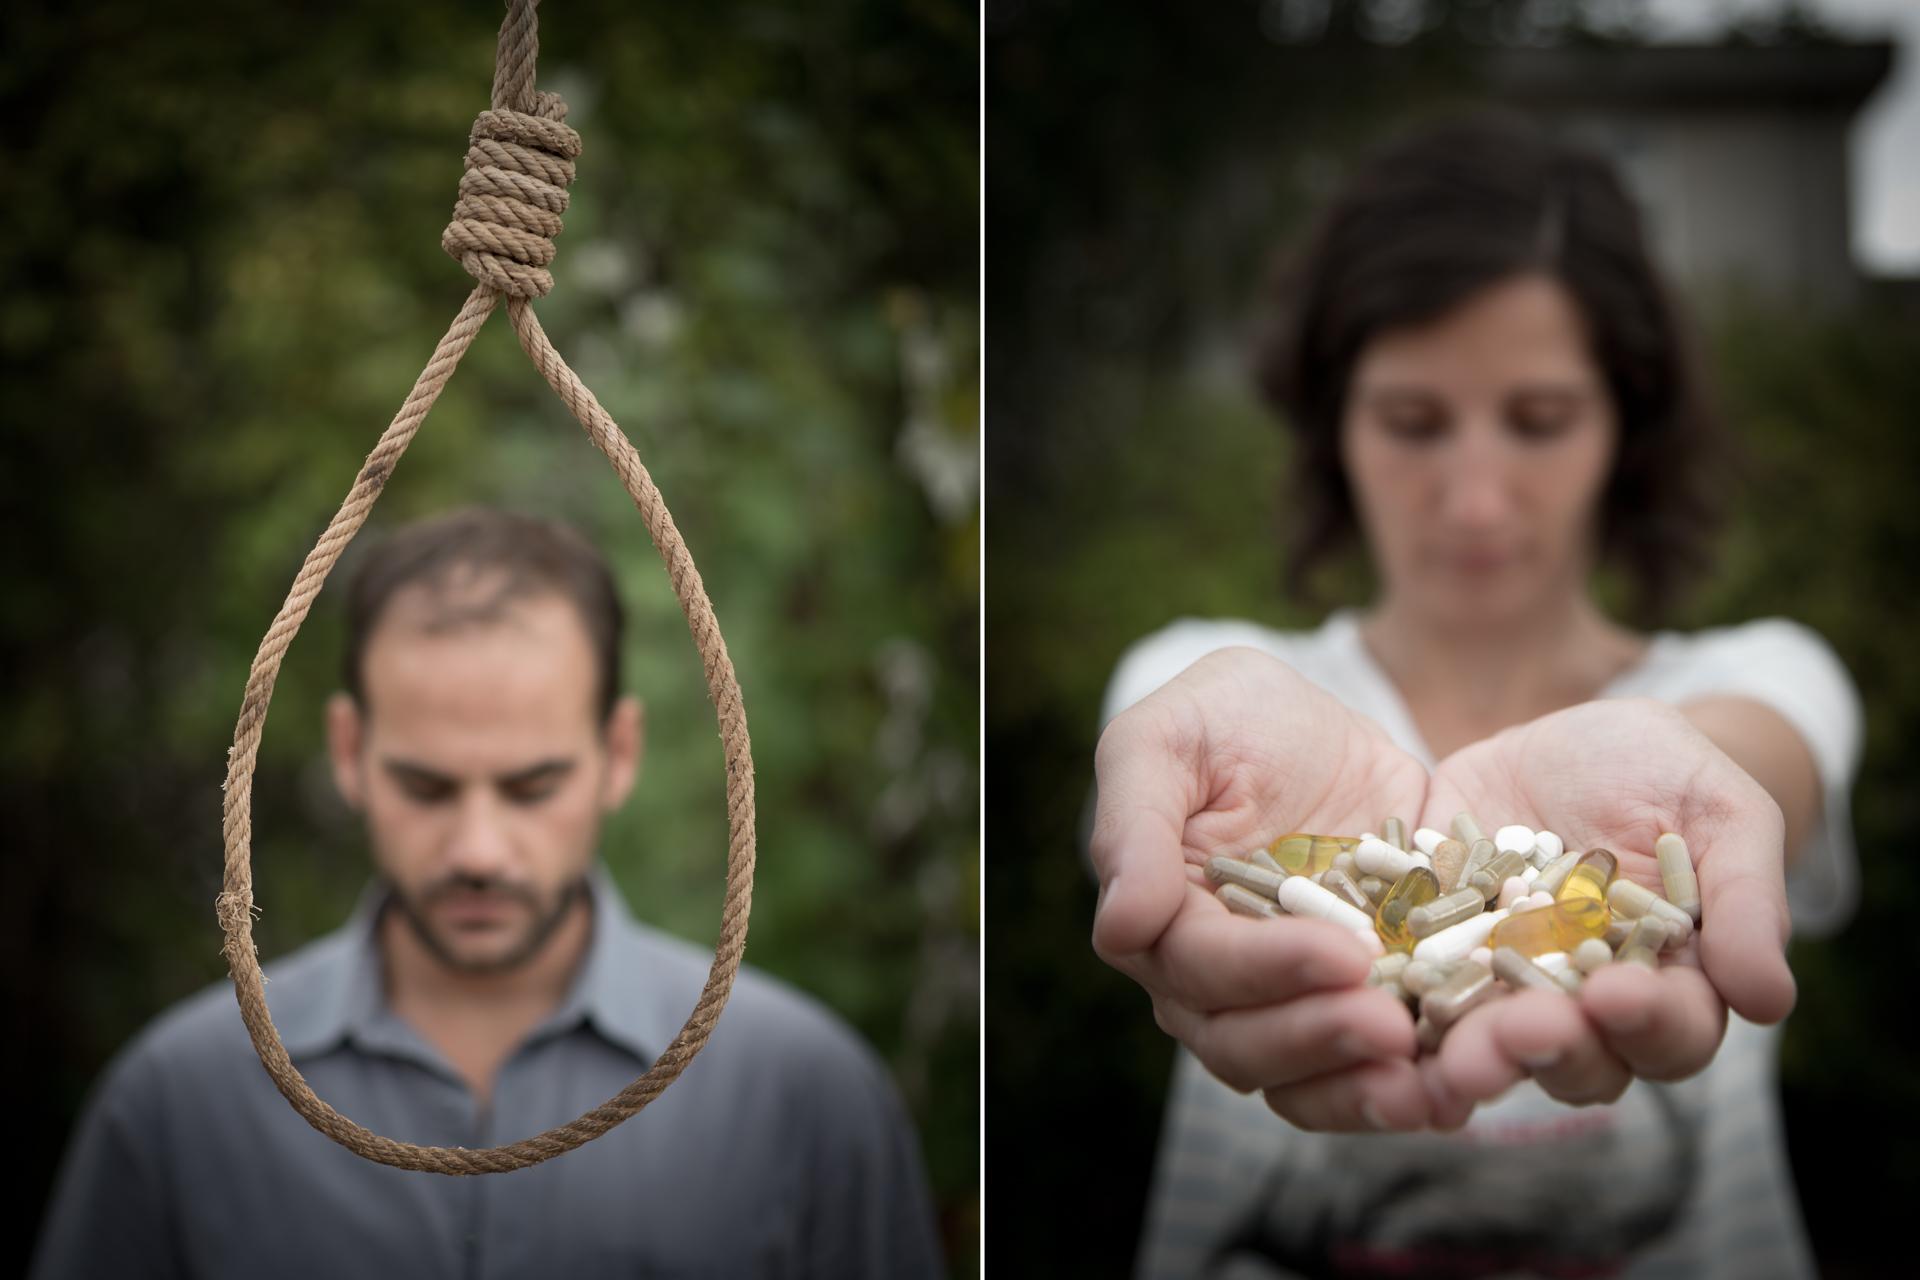 <p>A taxa de mortalidade por suicídio nos homens é 4 a 6 vezes superior à taxa de mortalidade por suicídio nas mulheres, em todas as regiões do país.</p>